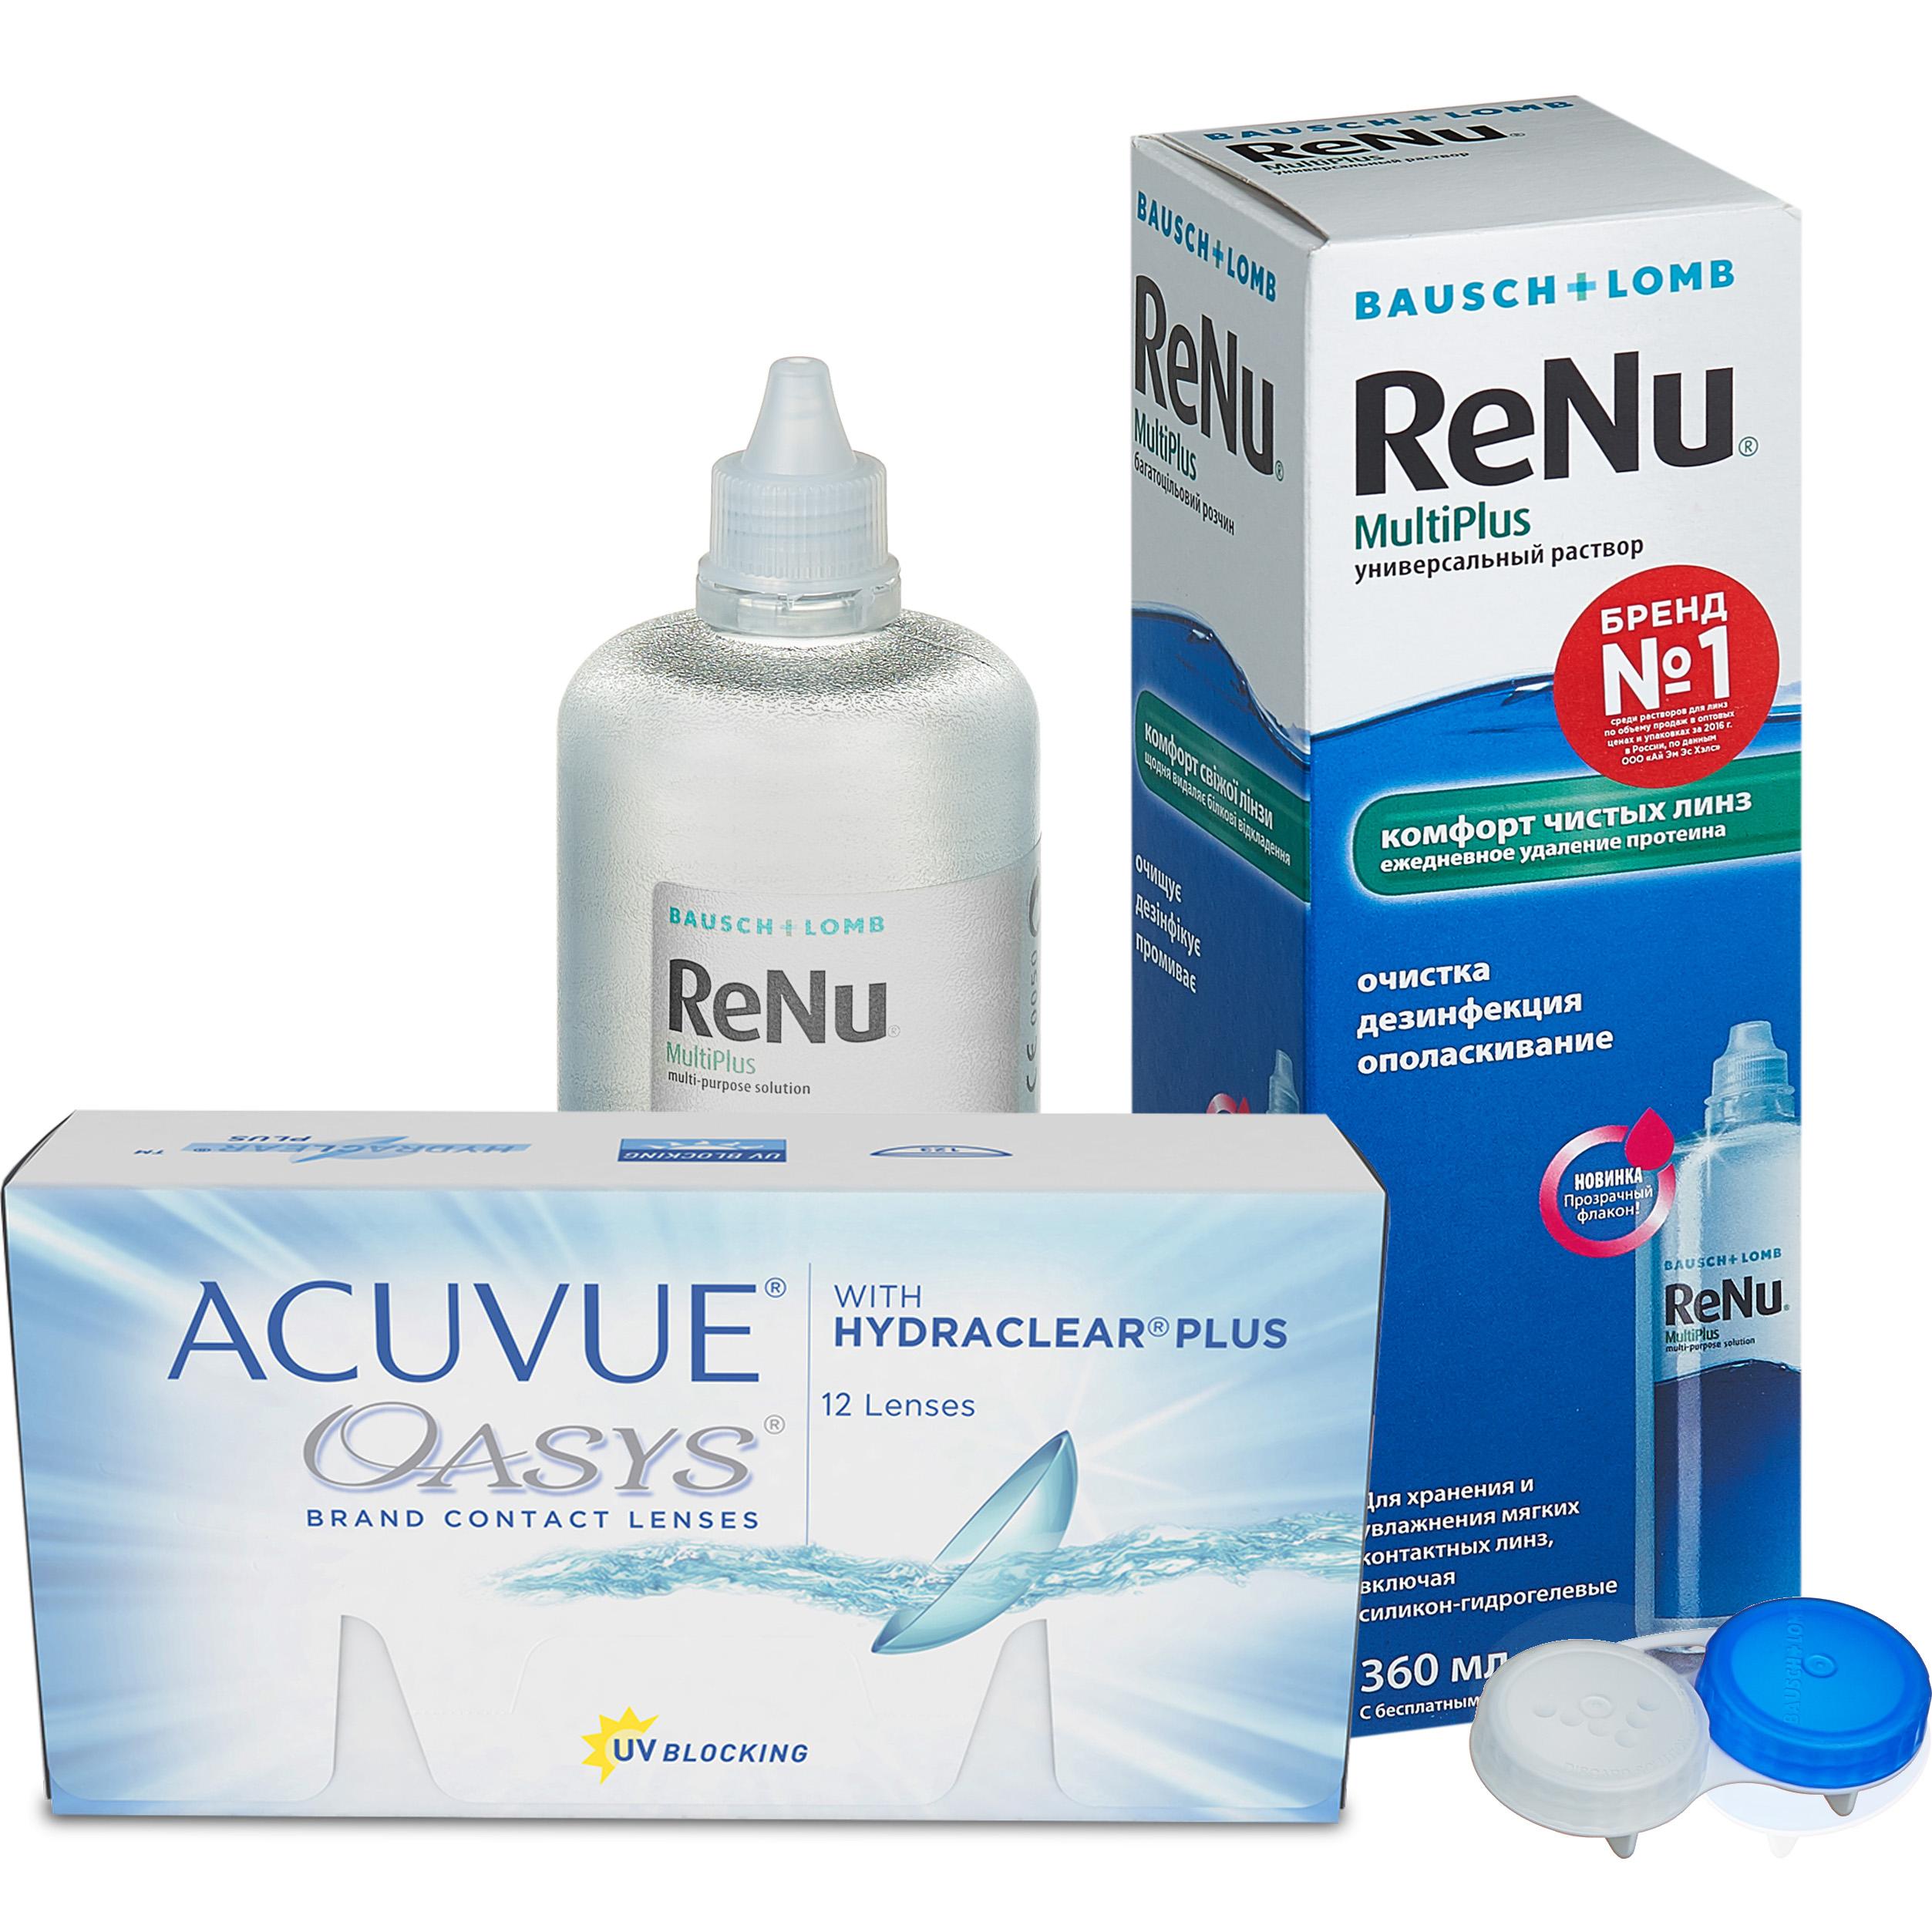 Купить Oasys with Hydraclear Plus 12 линз + ReNu MultiPlus, Линзы Acuvue Oasys with Hydraclear Plus 12 линз R 8.8 +3, 25 + ReNu Multi Plus 360 мл